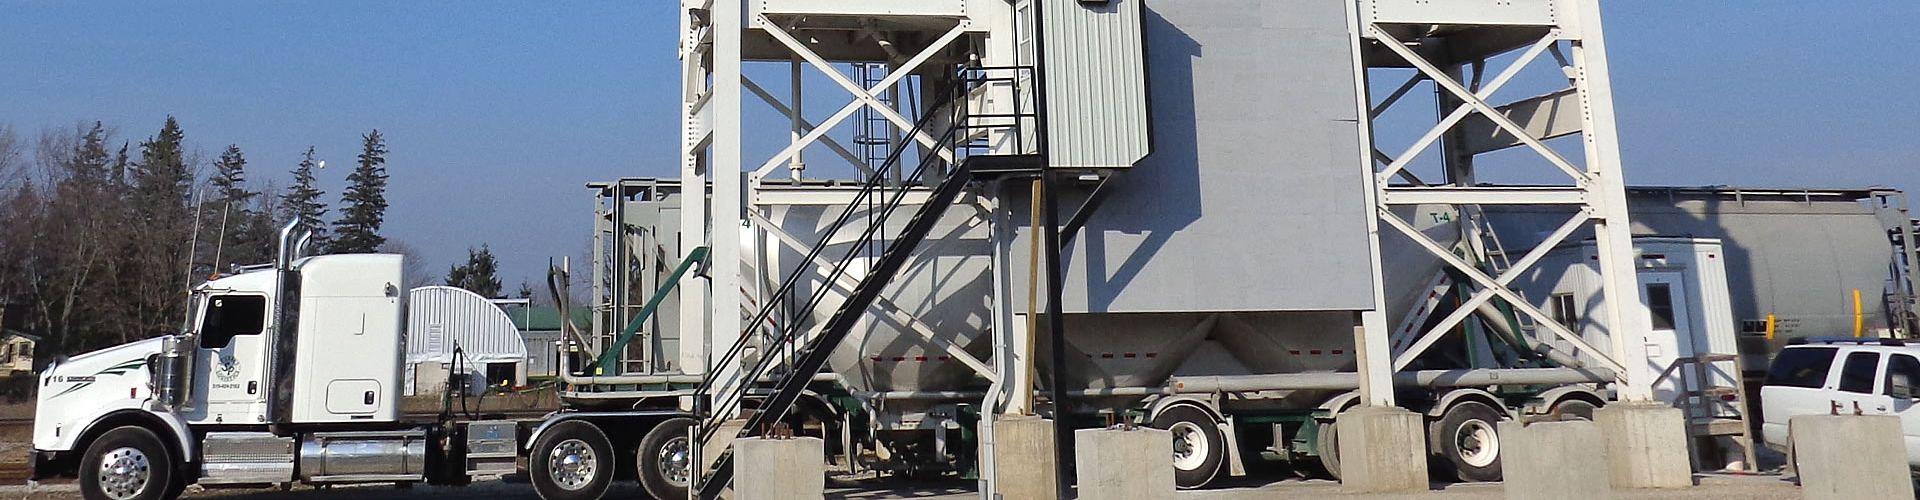 Bulk Cement Loading